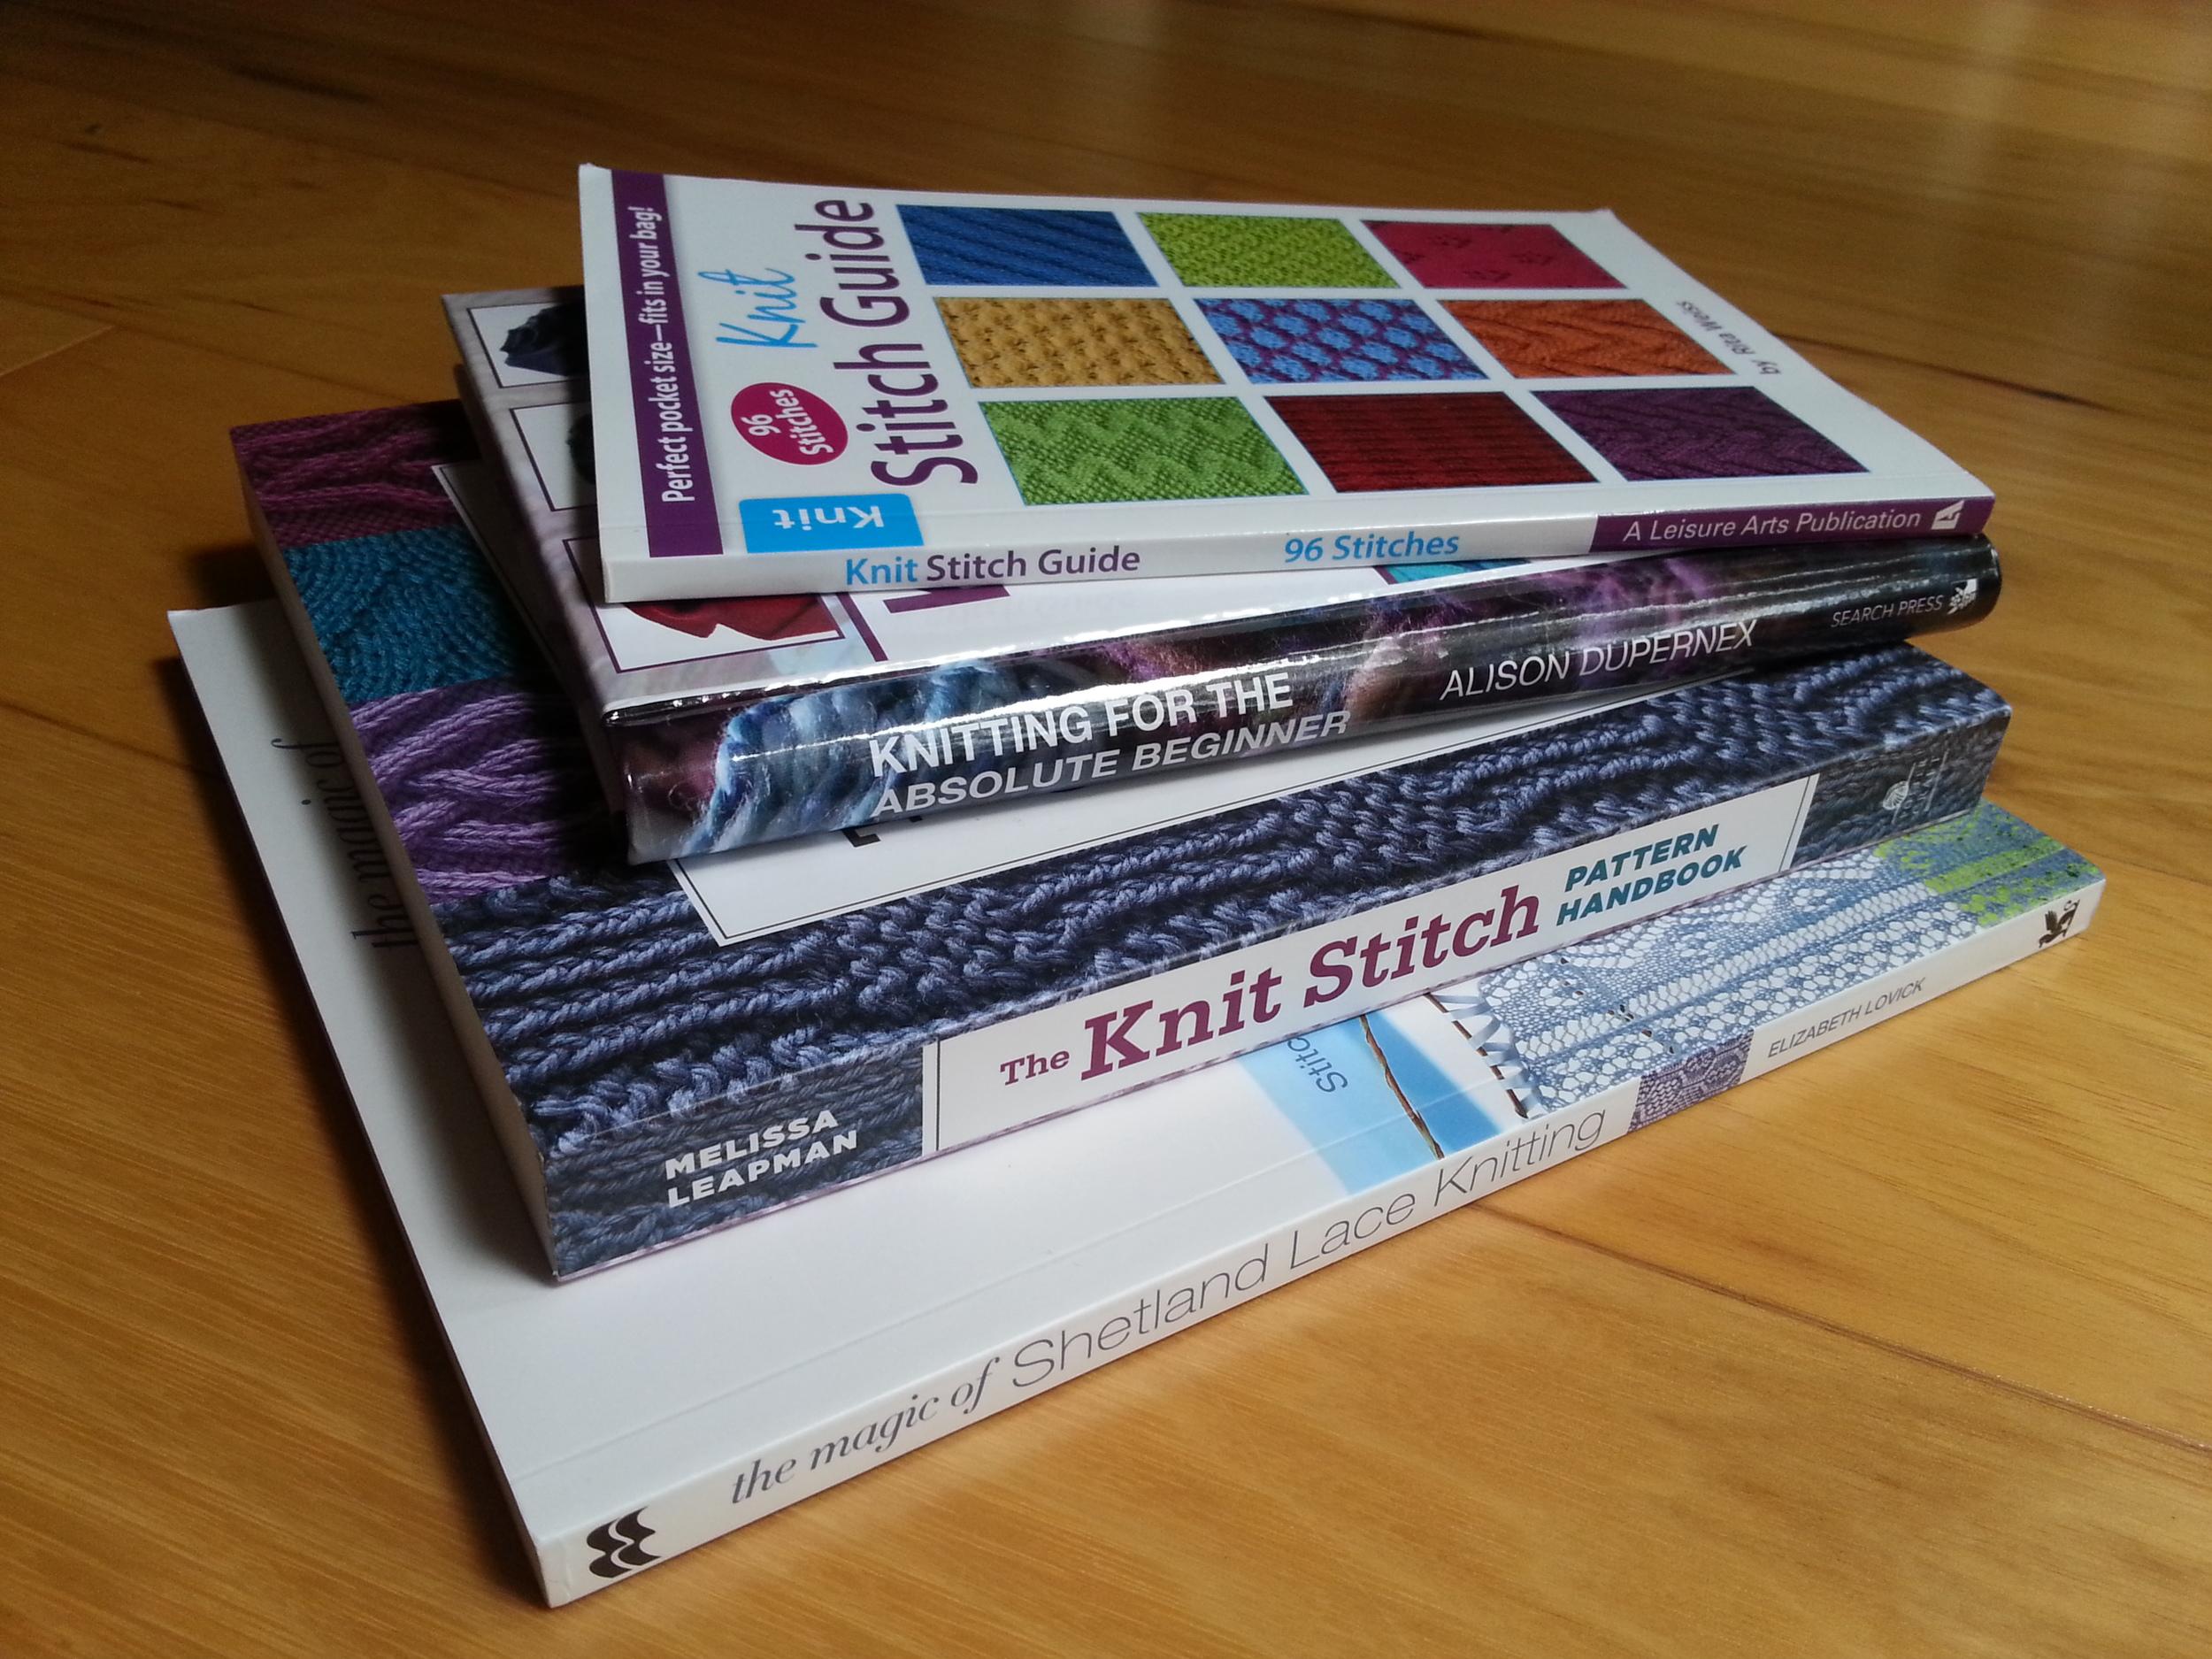 My reference books. I like stitchionariesa lot.